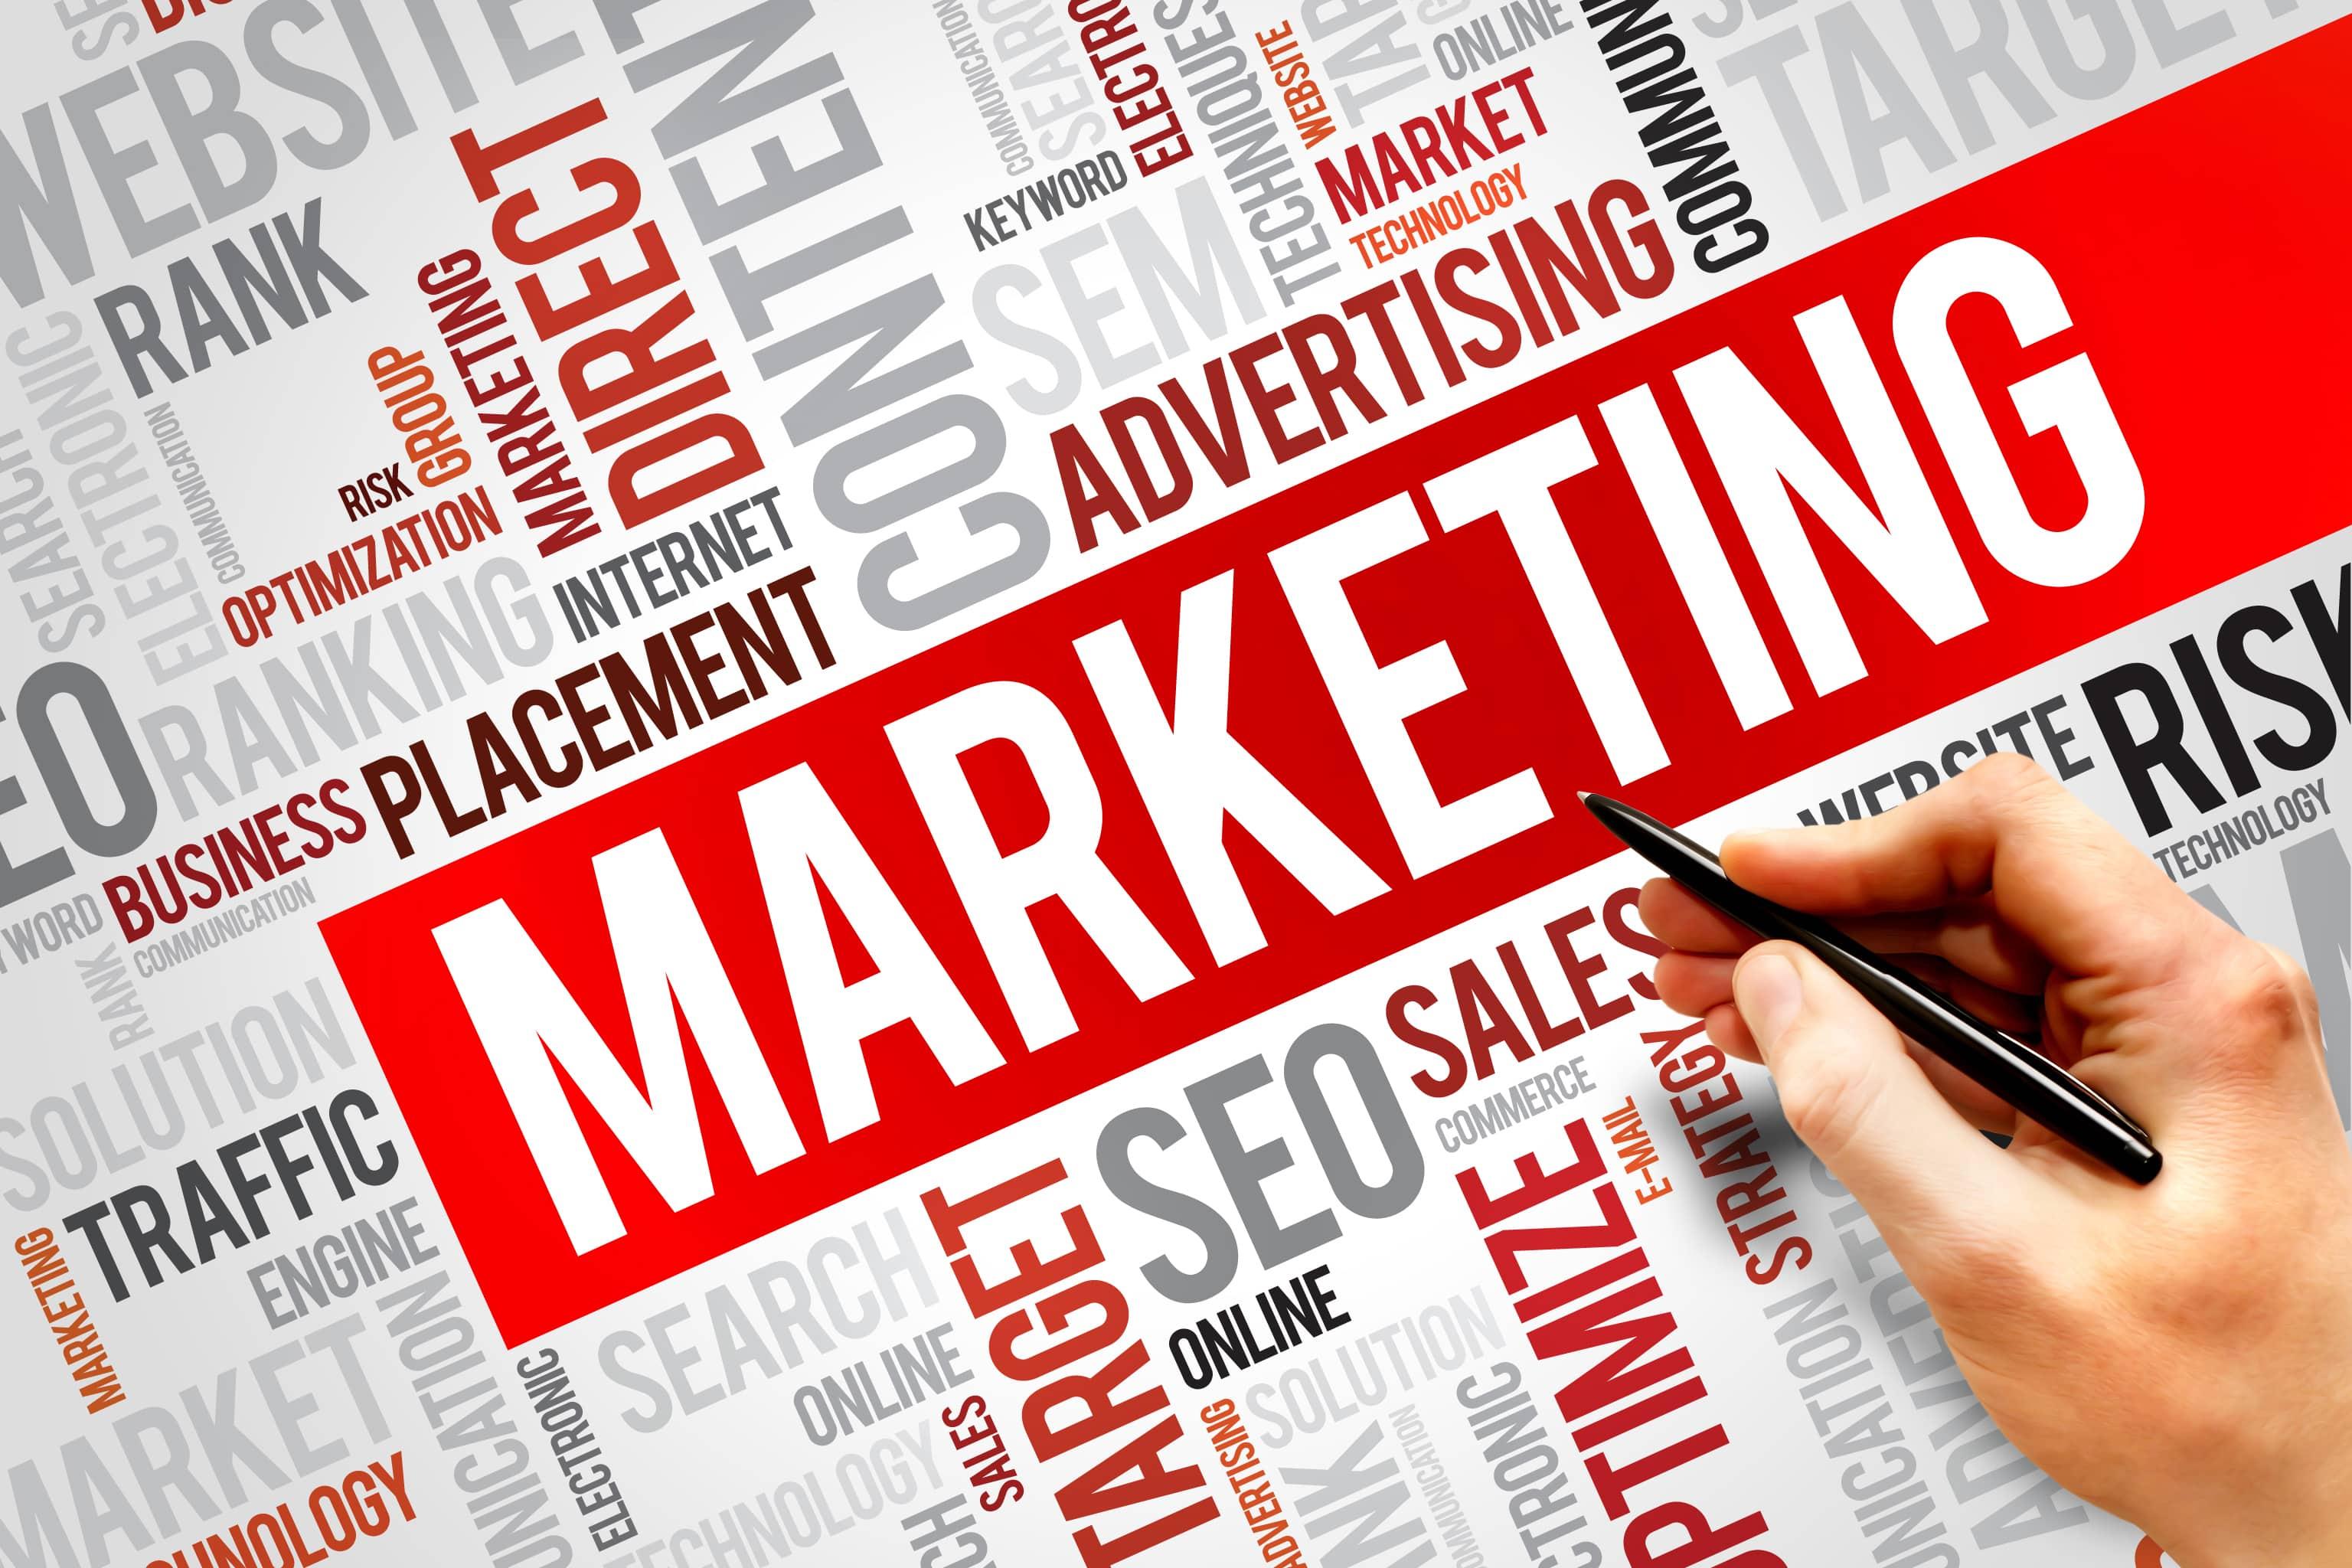 Cate tipuri de marketing au existat pana acum?